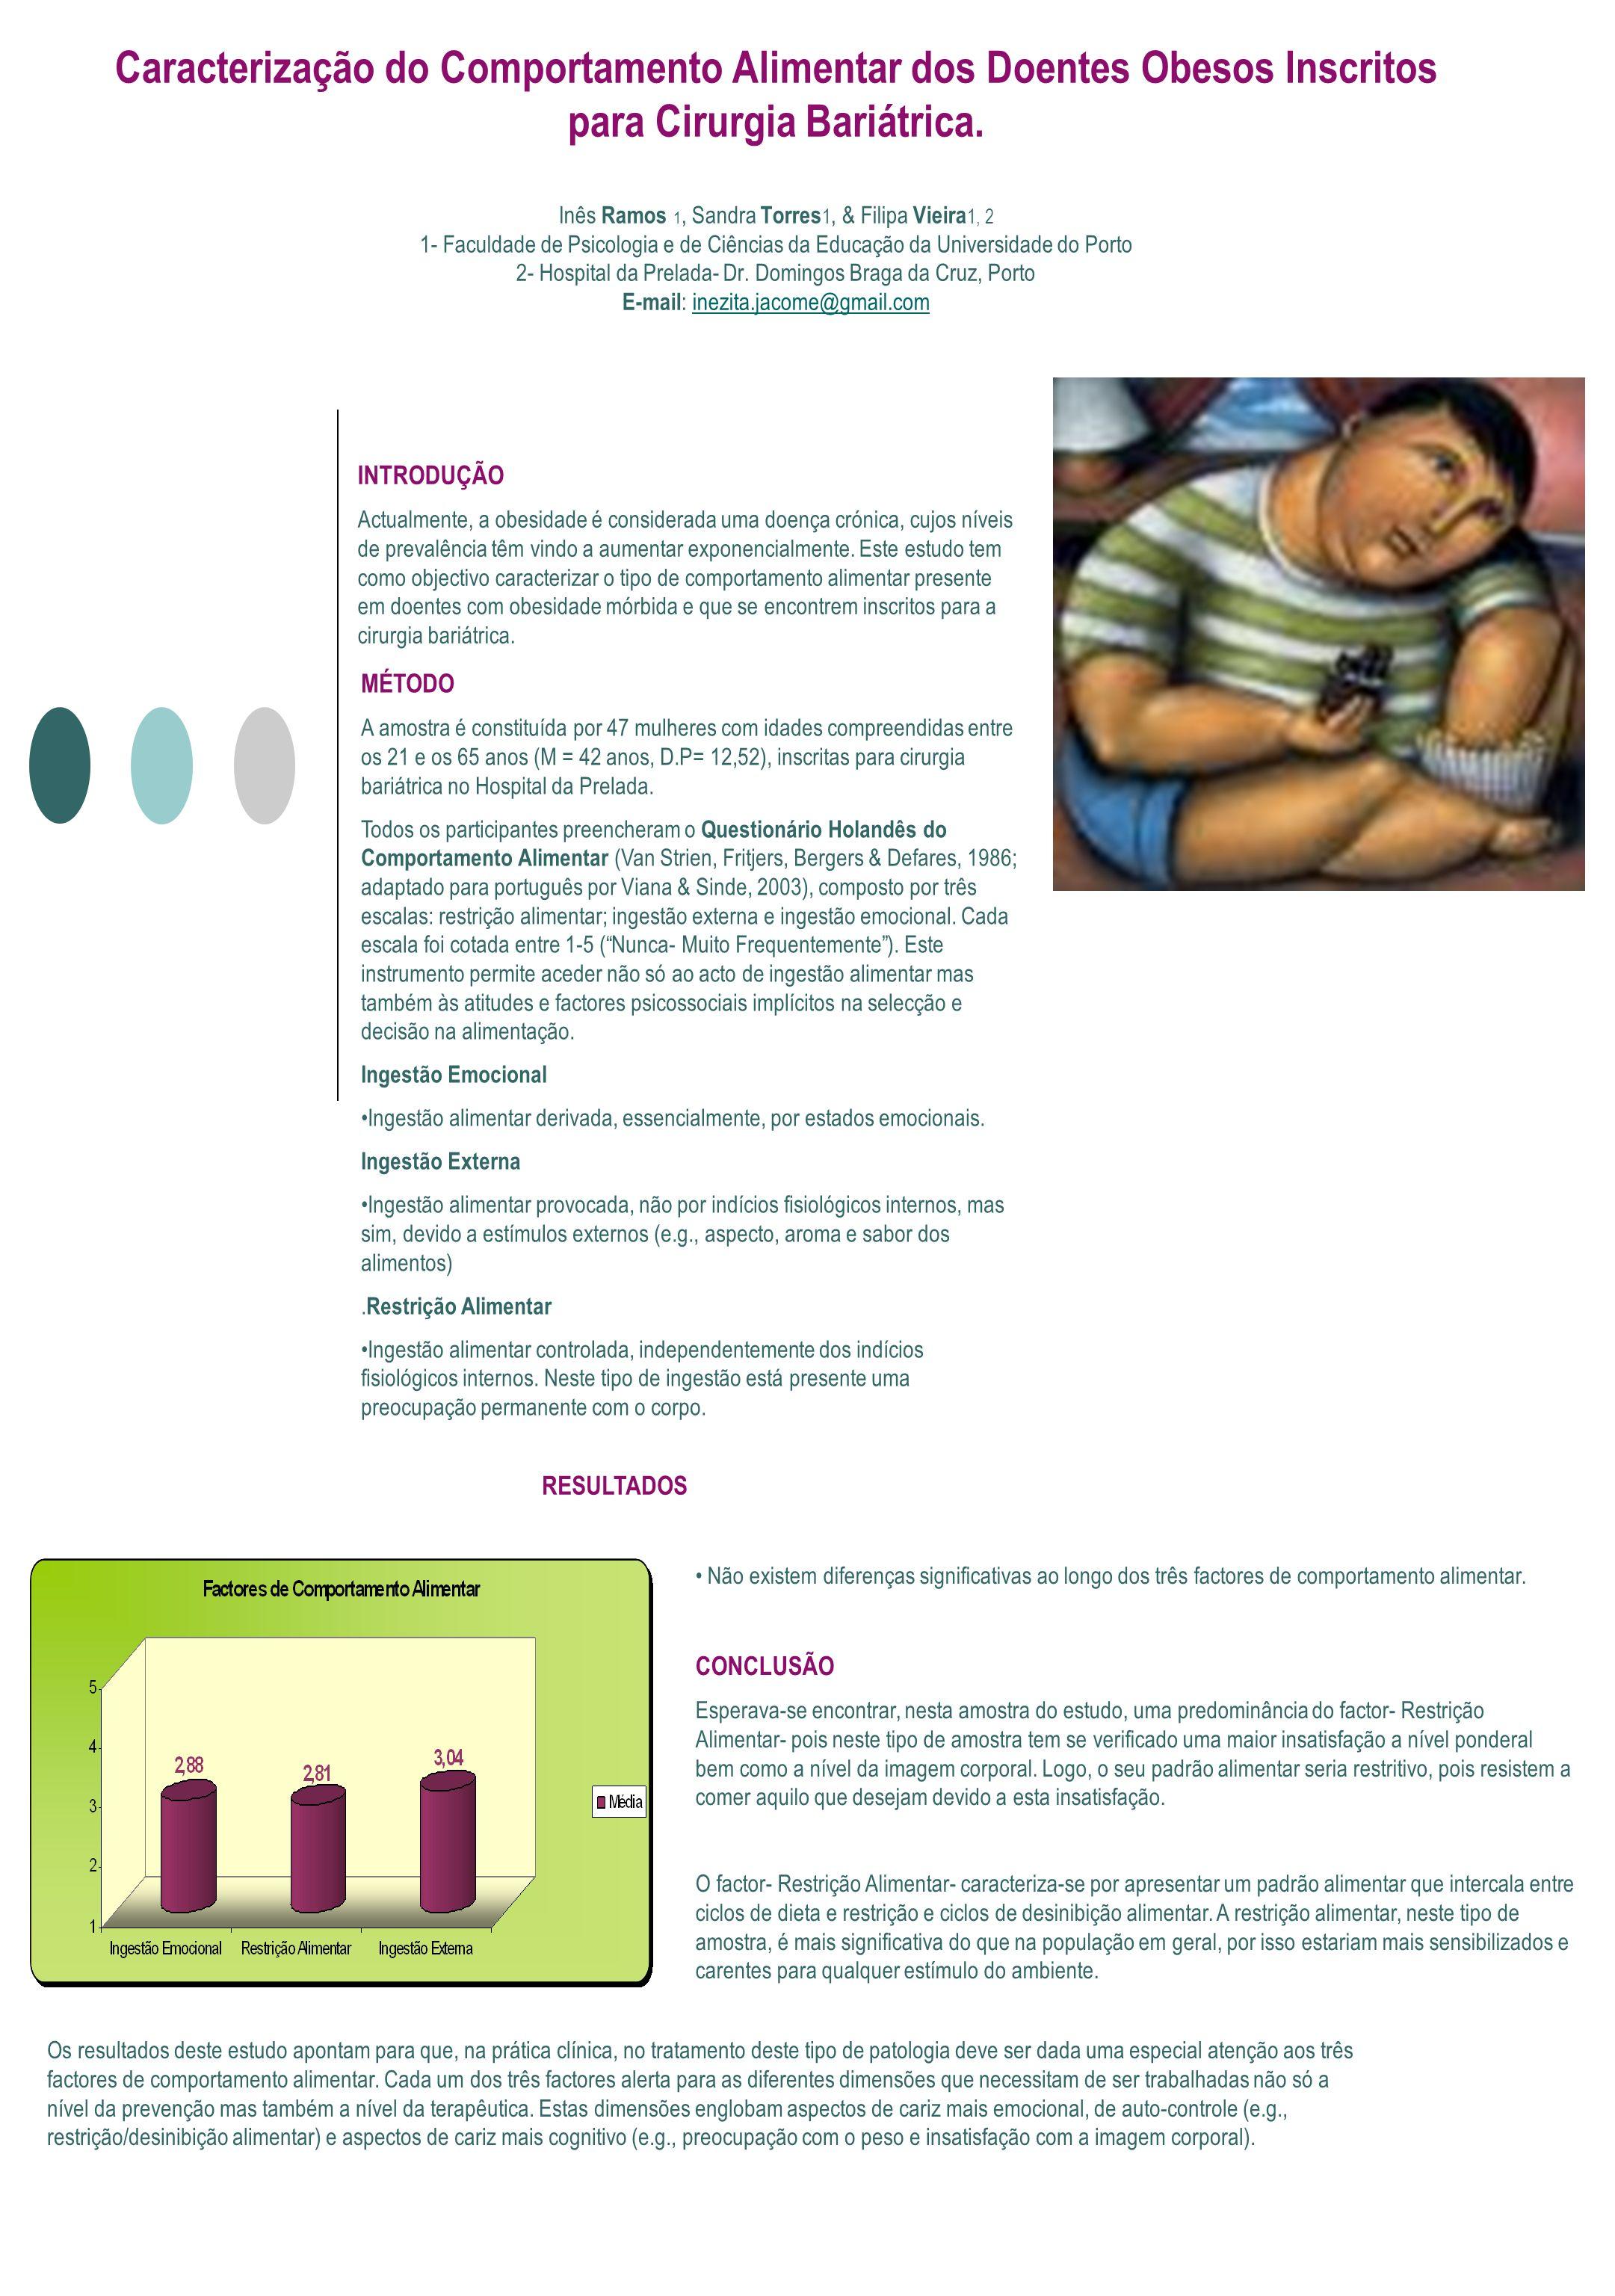 Caracterização do Comportamento Alimentar dos Doentes Obesos Inscritos para Cirurgia Bariátrica. Inês Ramos 1, Sandra Torres 1, & Filipa Vieira 1, 2 1